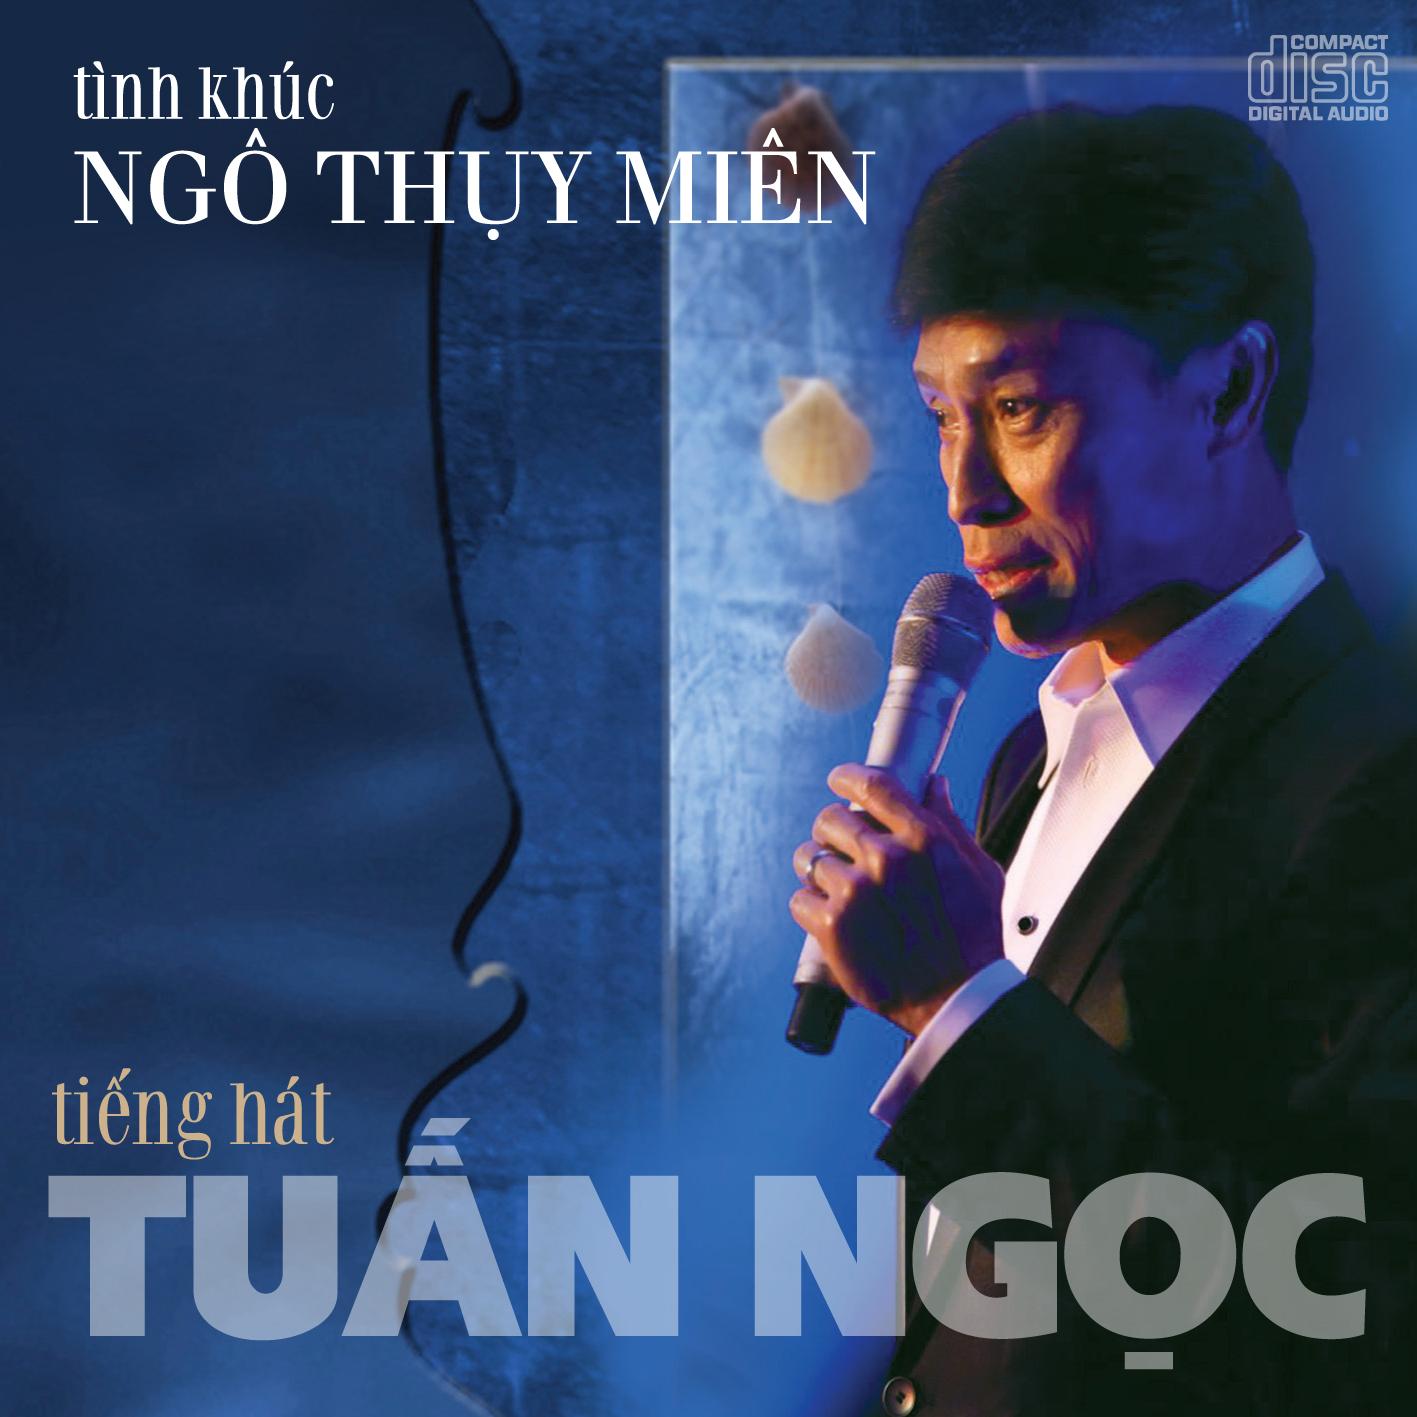 Album Tình Khúc Ngô Thuỵ Miên – Tuấn Ngọc